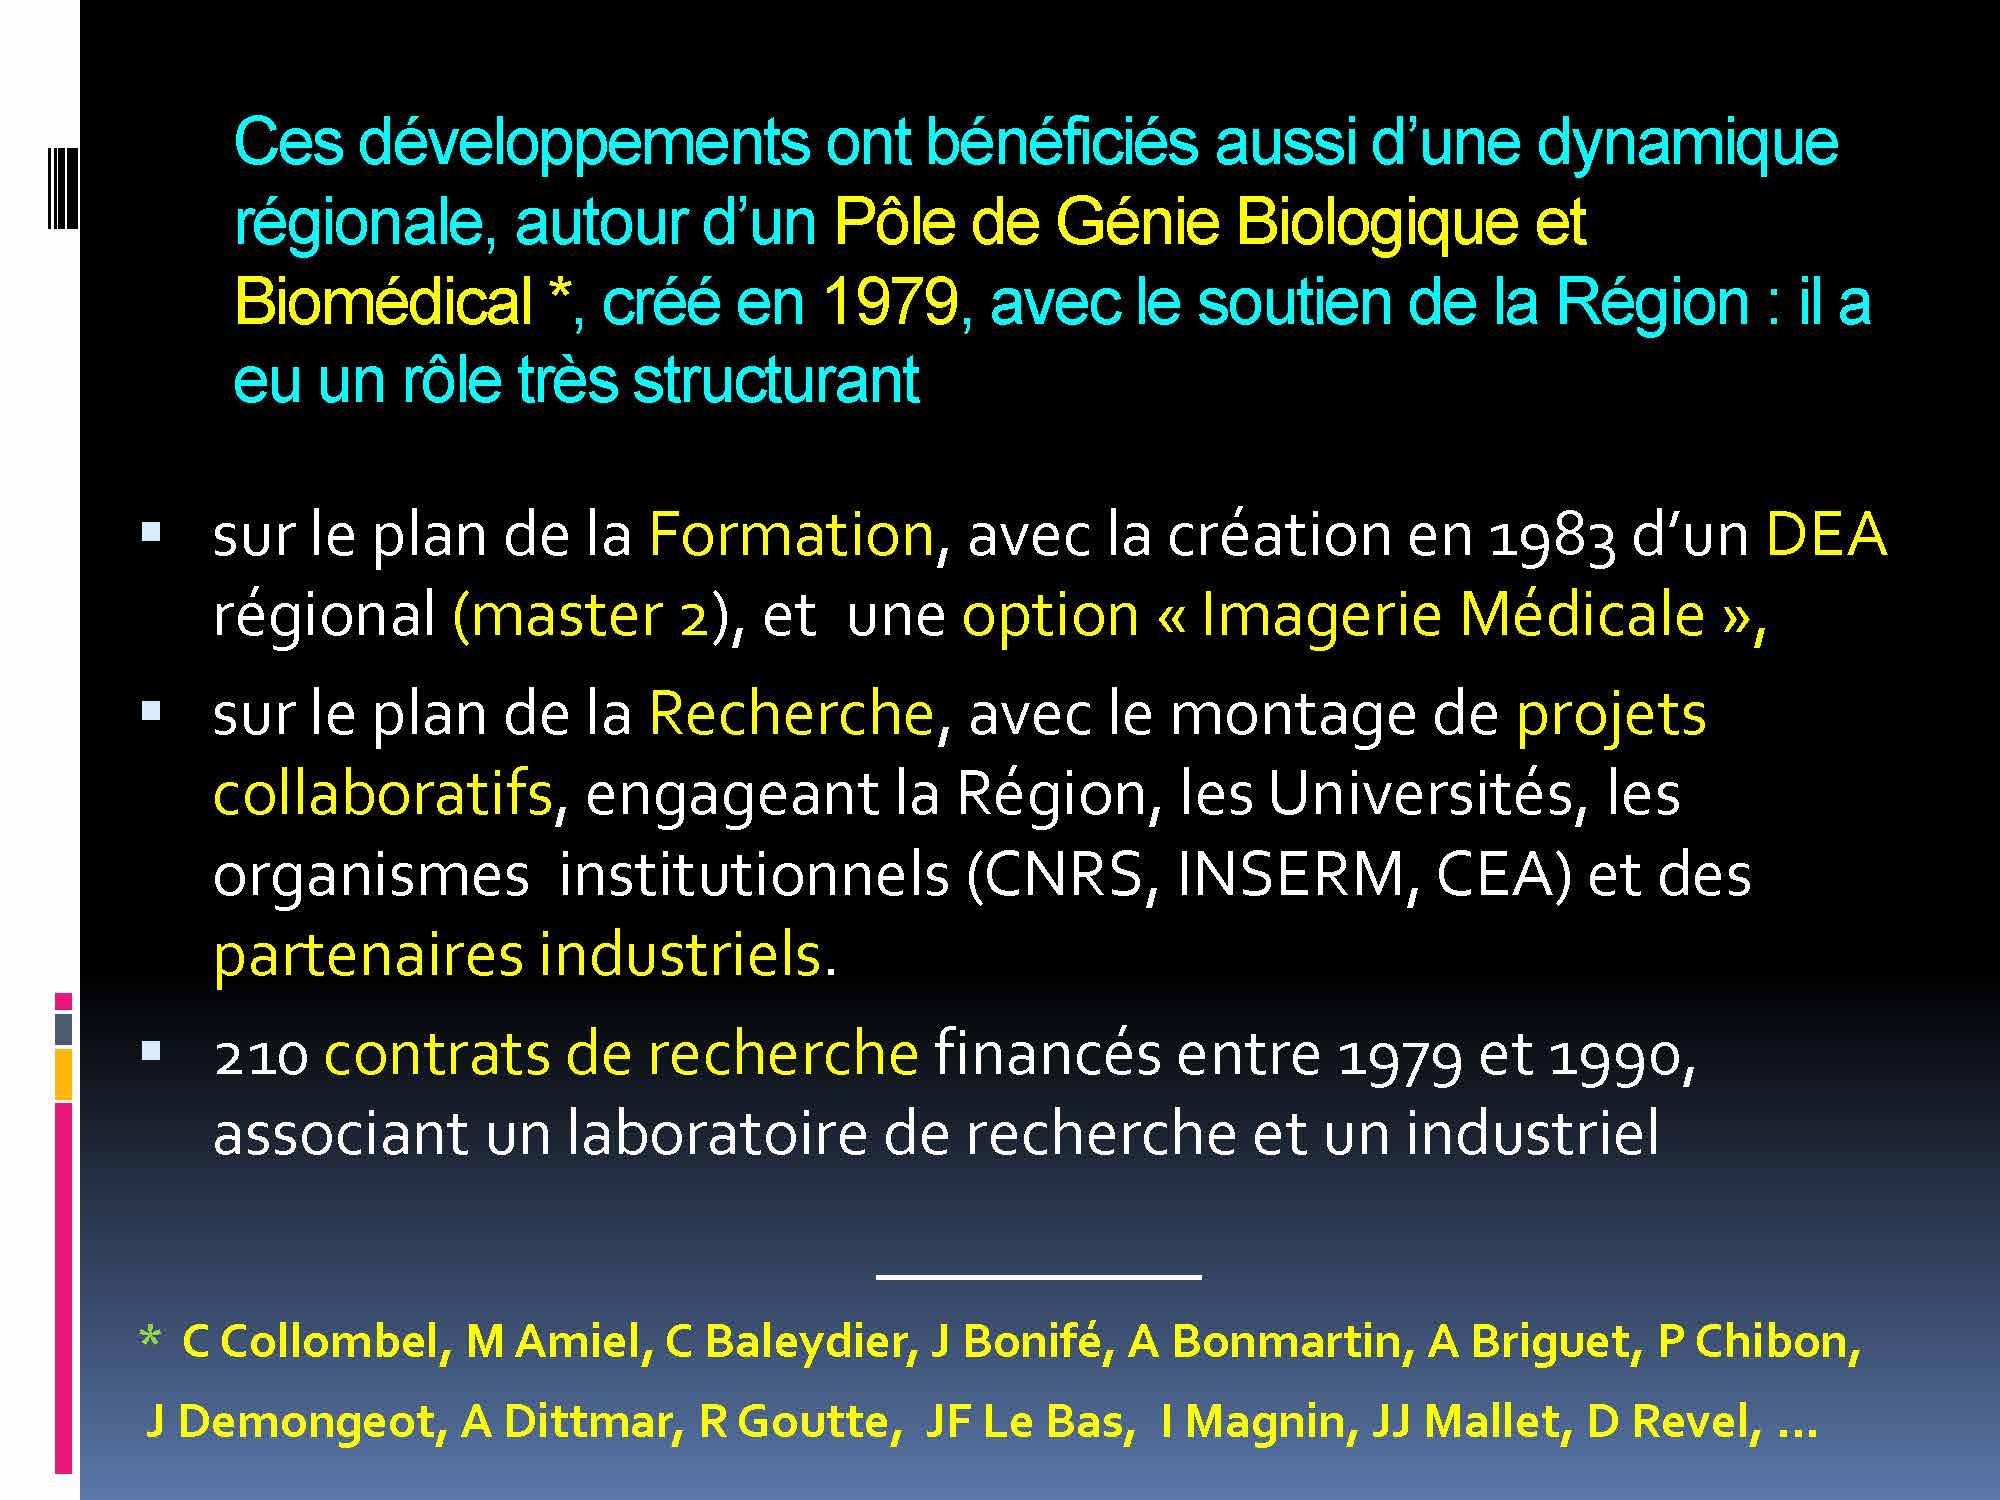 Imagerie médicale Lyon 5-12 -2017_Page_03